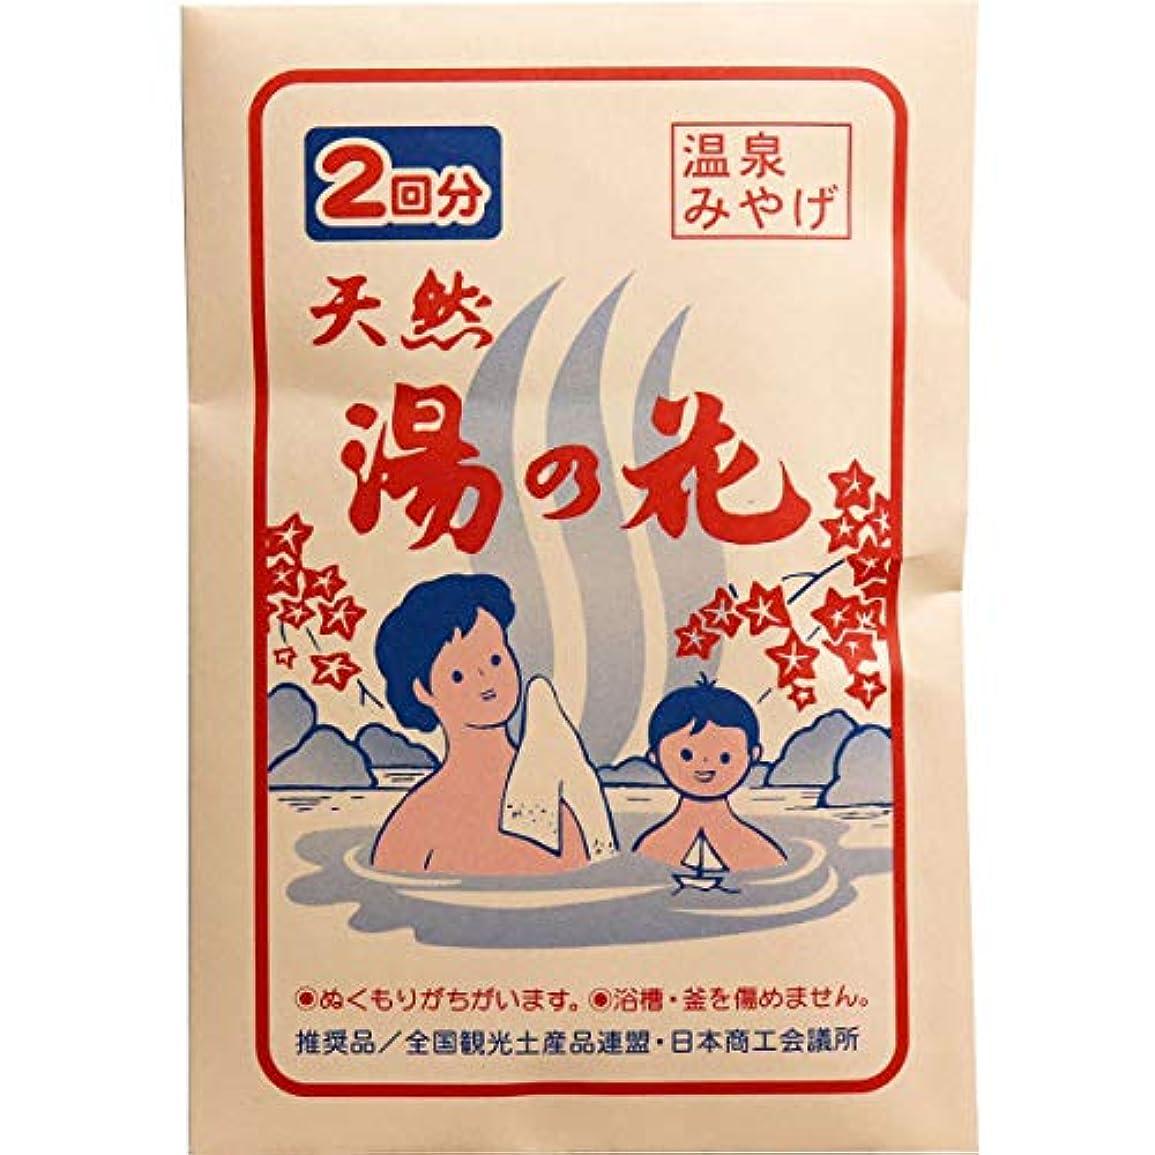 宮殿呼び起こす戦う天然湯の花 小袋分包2回分 KA-2 15g×2包入